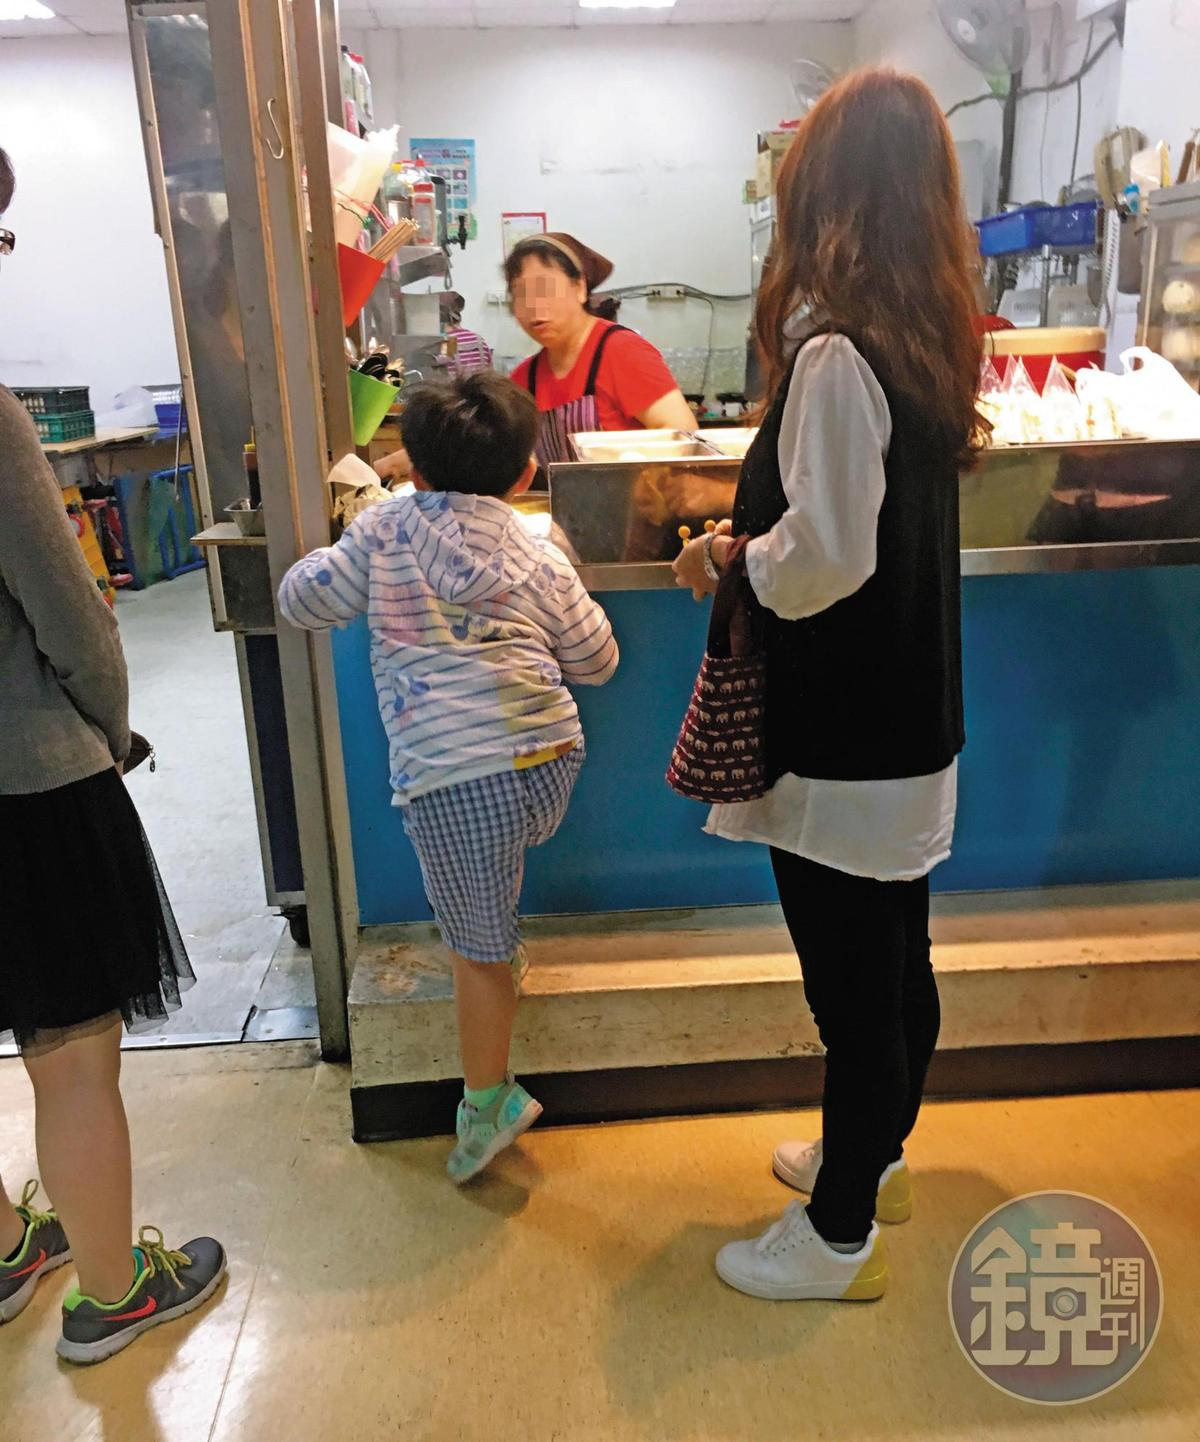 5月3日16:35,女約聘員在下午上班時間到2樓幼兒園接小孩下課。